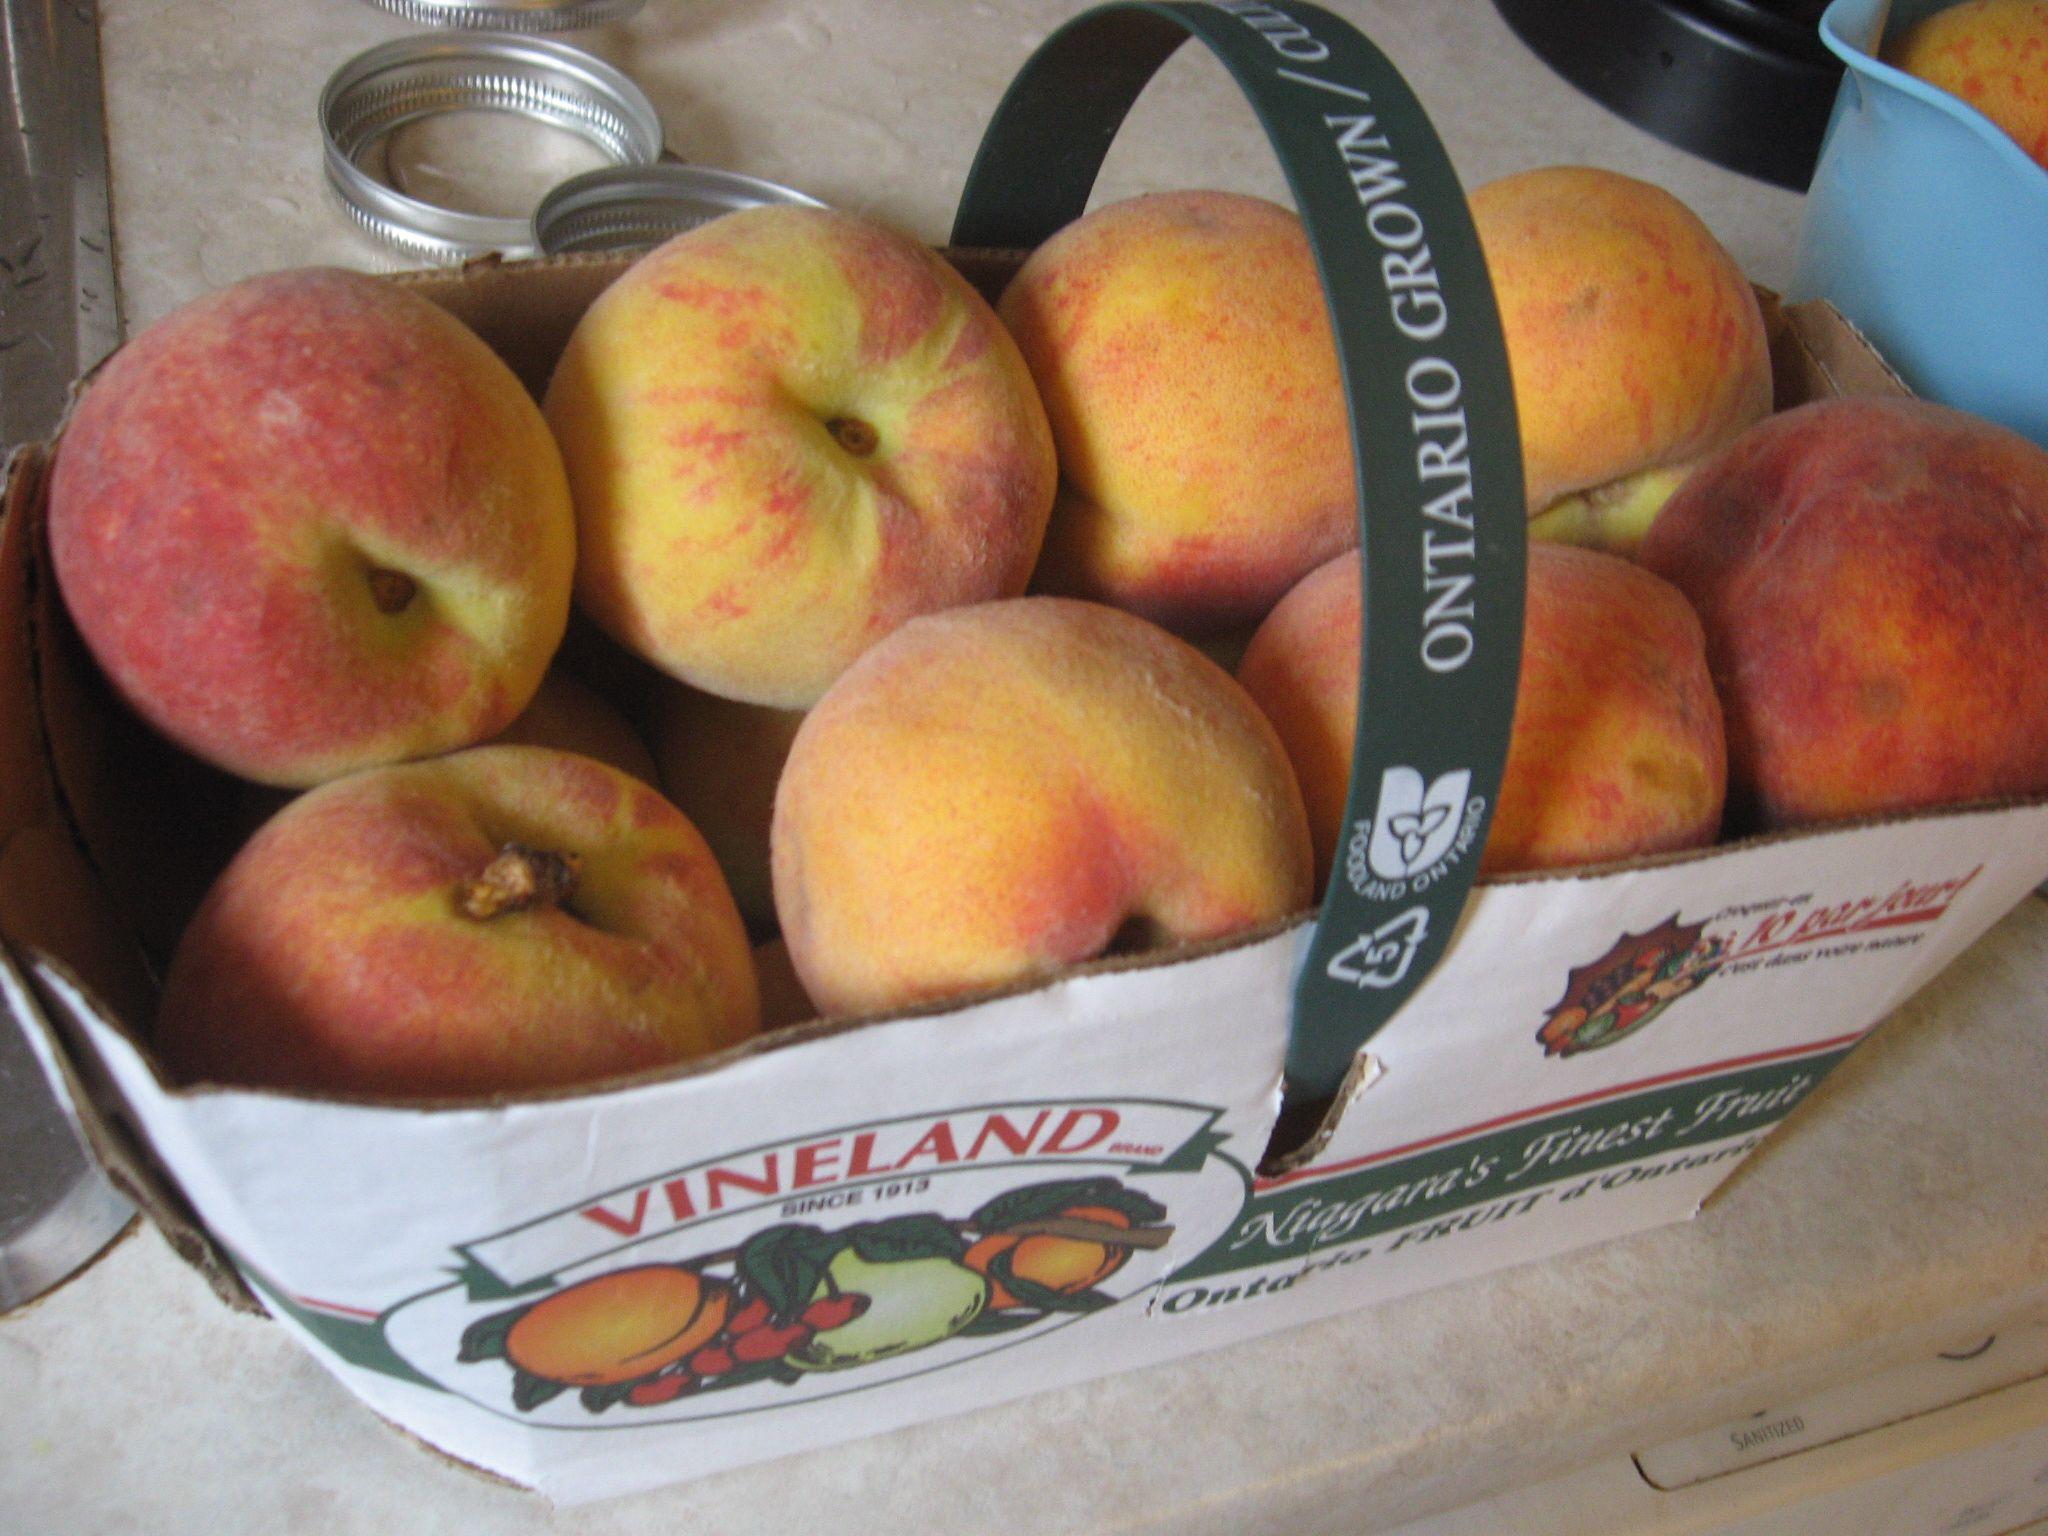 Mmmmm, peaches